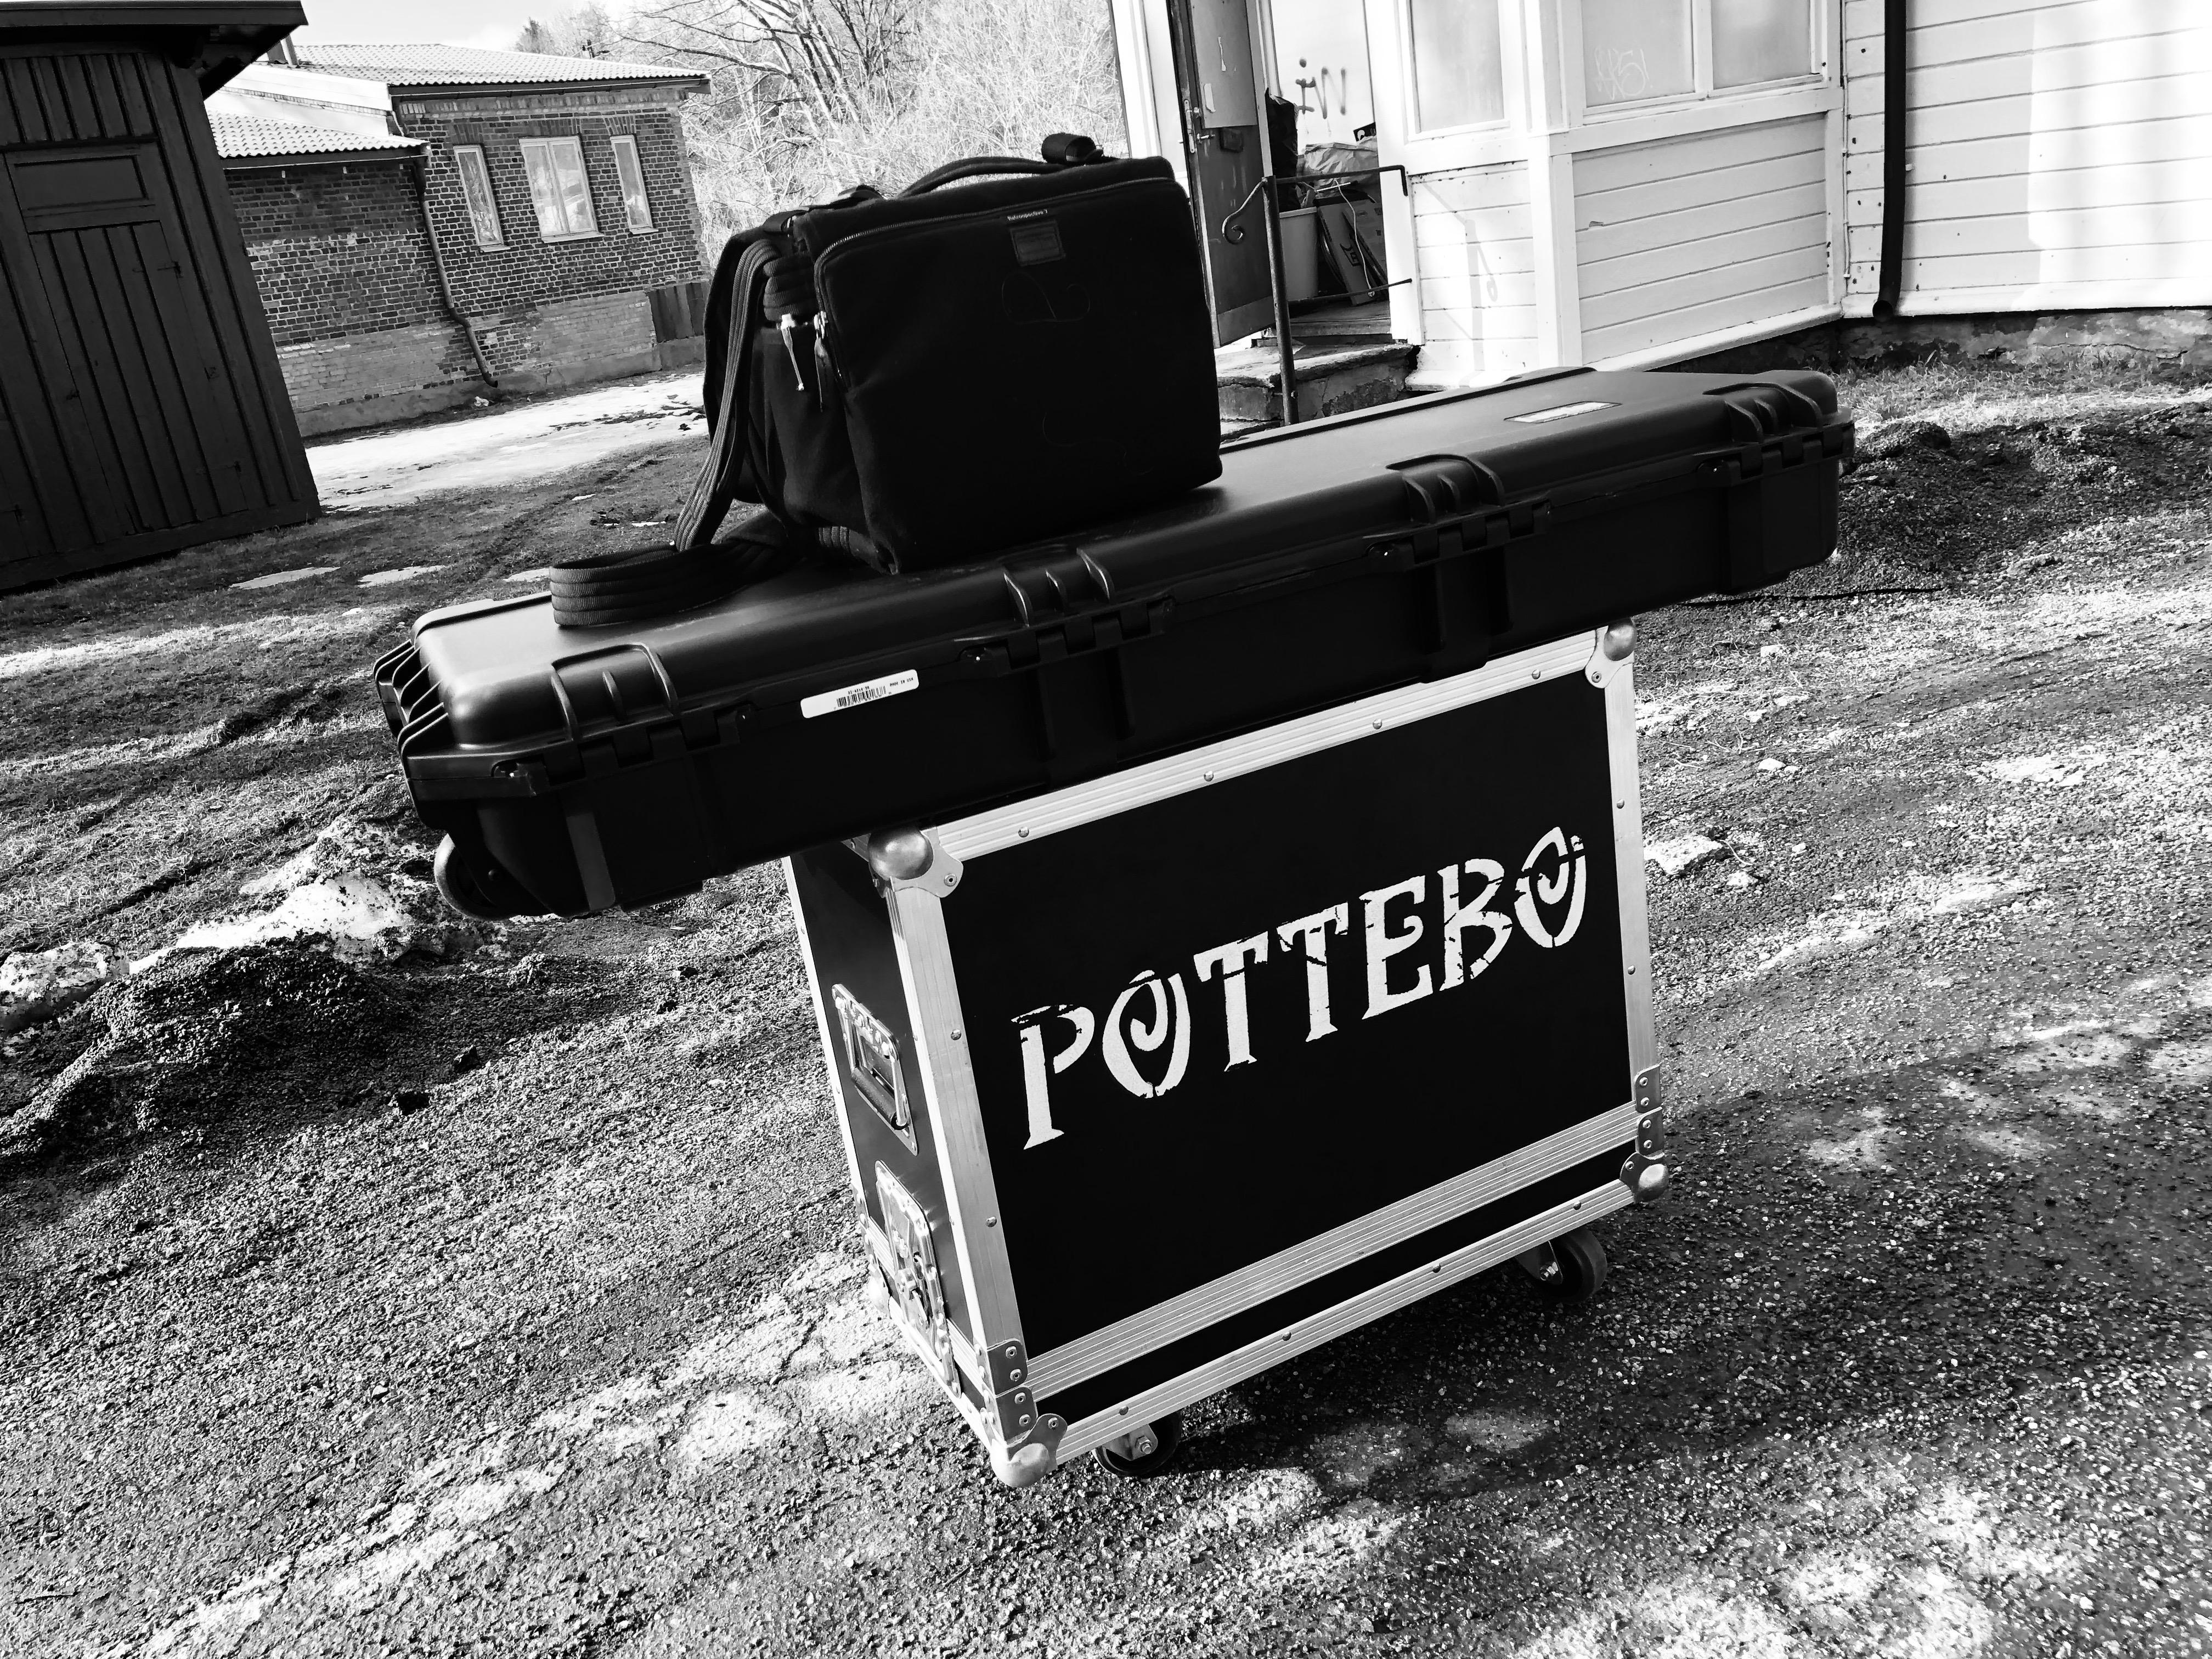 Mystiskt tågstopp kopplas till Pottebo